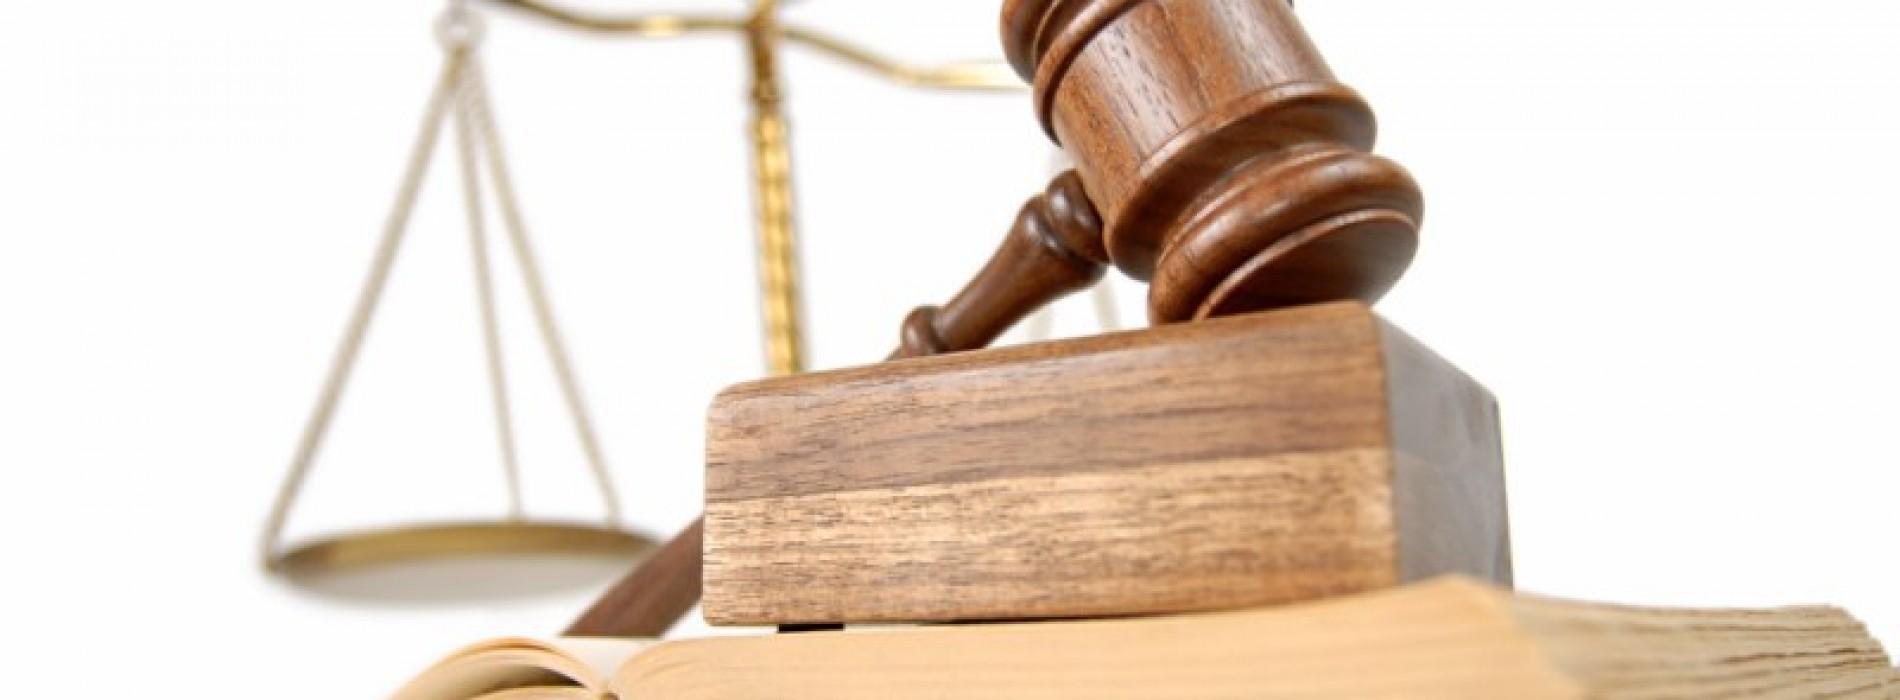 Prawo autorskie w prawie pracy